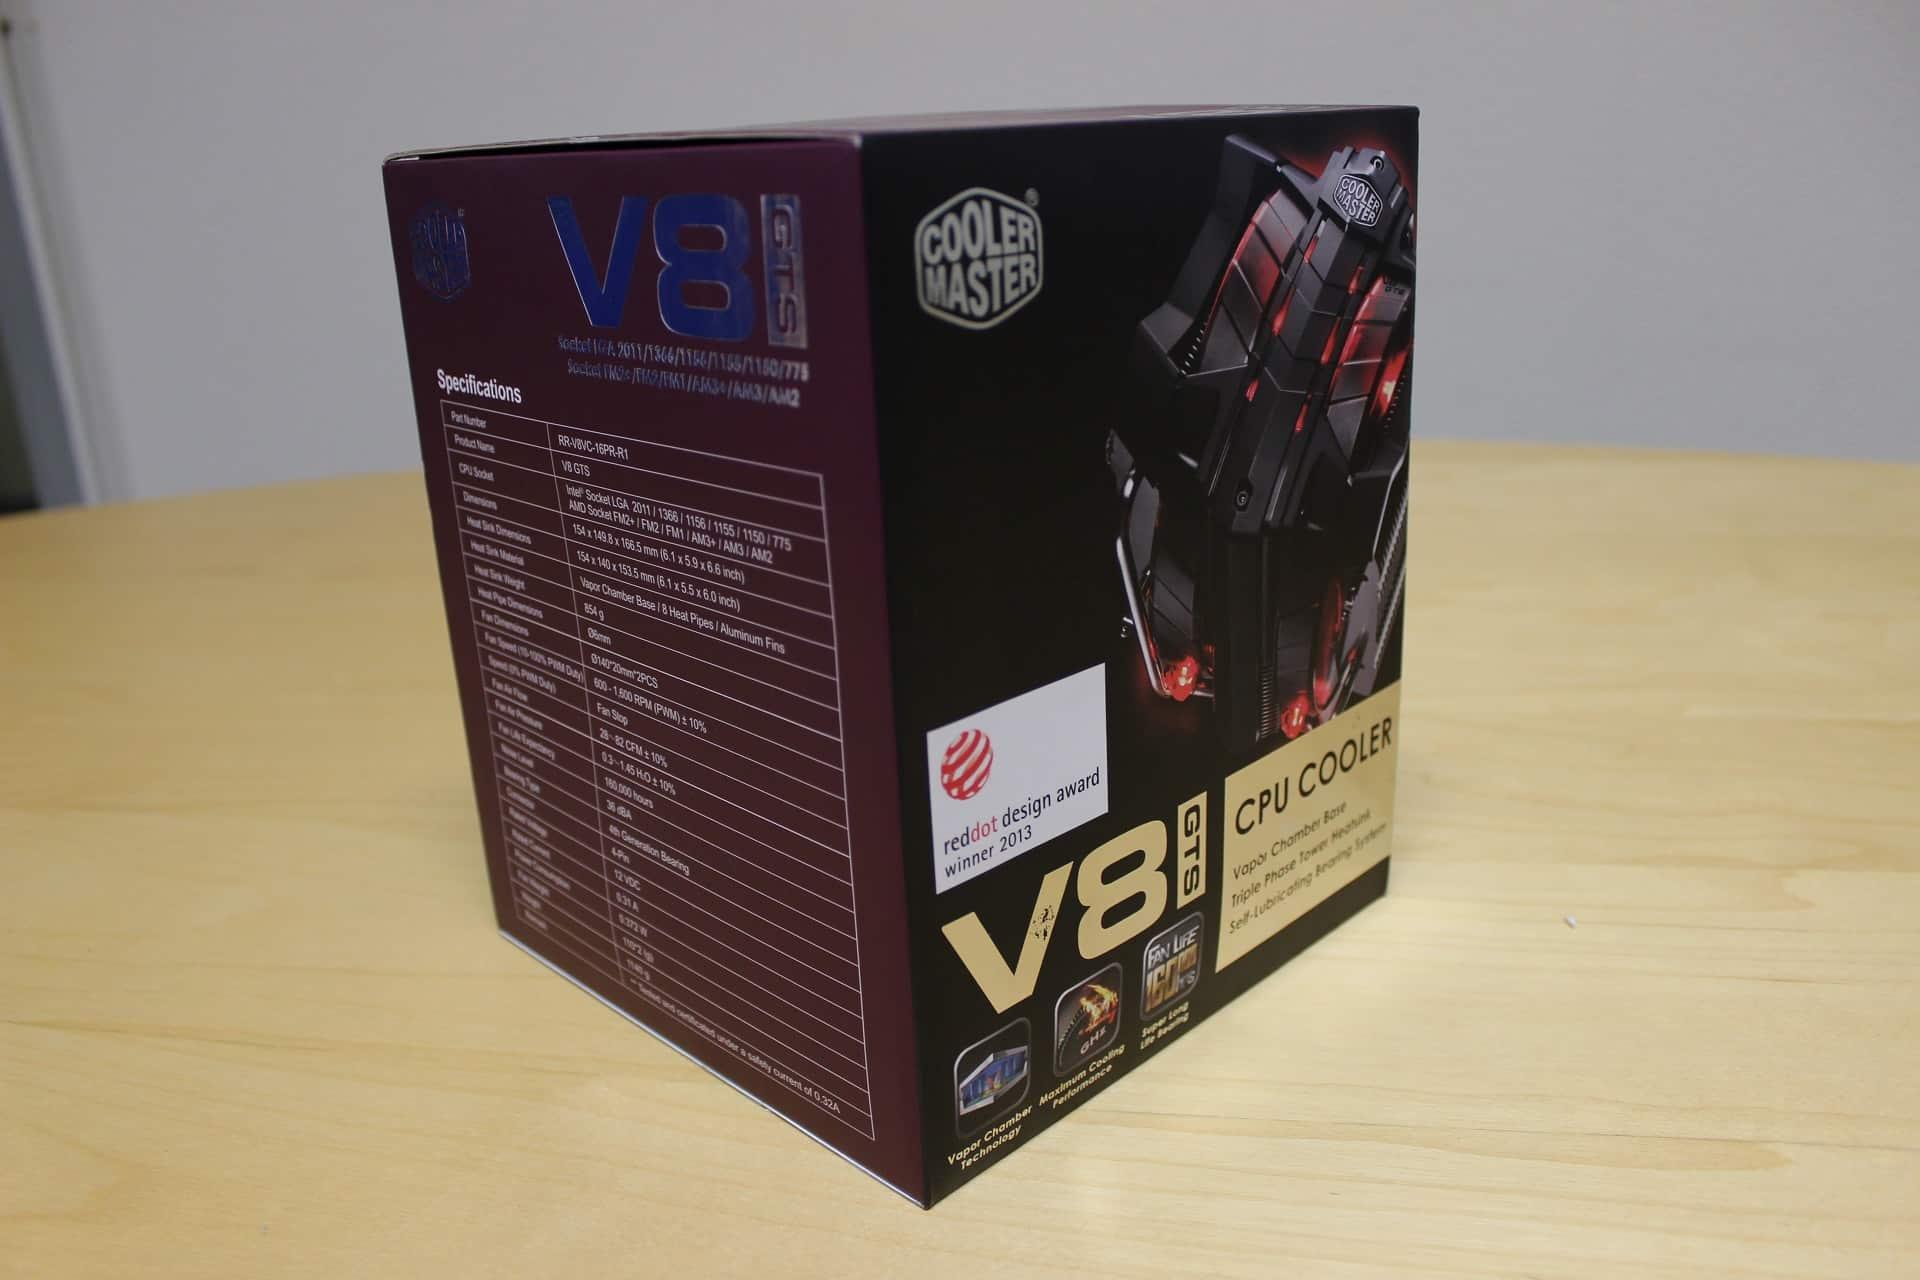 V8 GTS 8